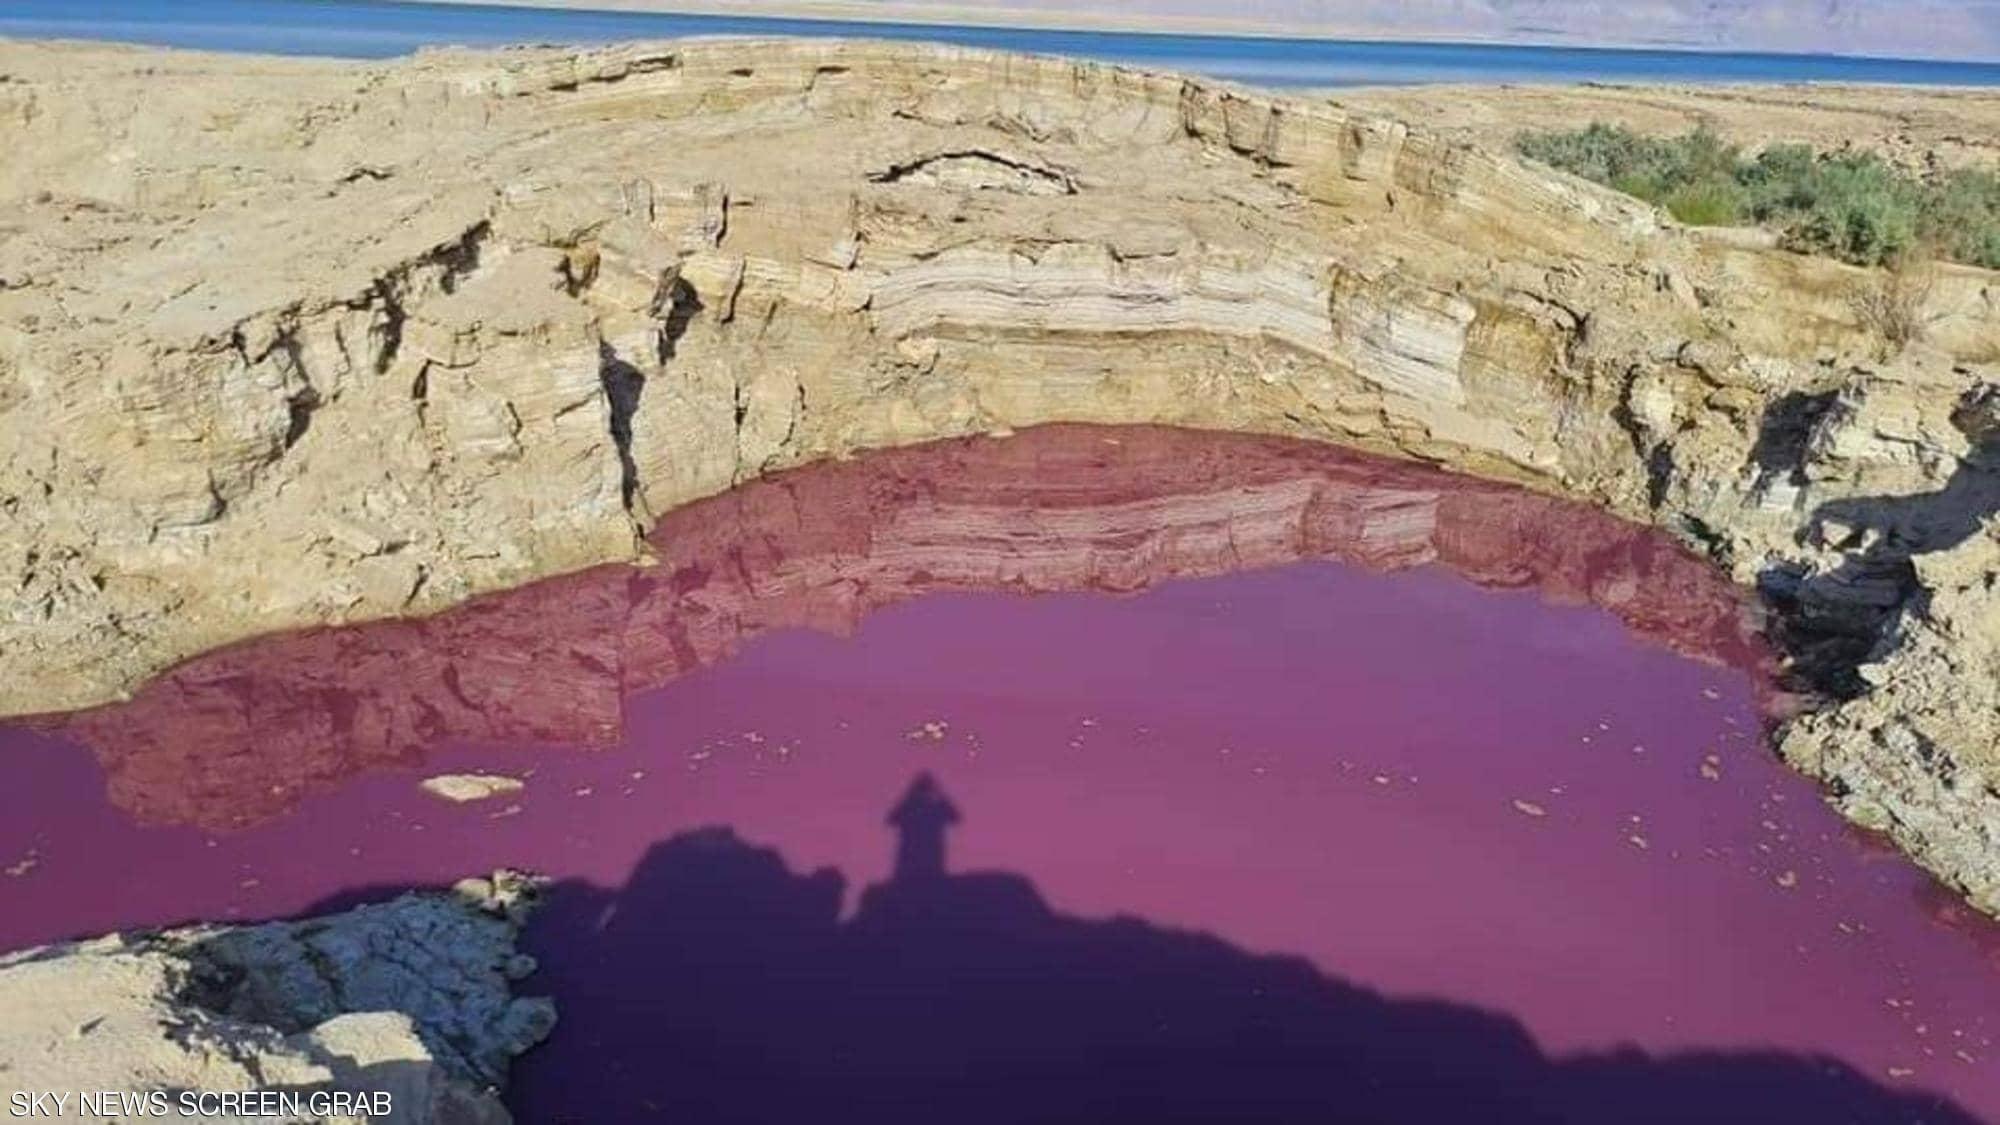 """الأردن.. ظهور مياه حمراء اللون """"غامضة ومجهولة المصدر"""" بالقرب من البحر الميت"""